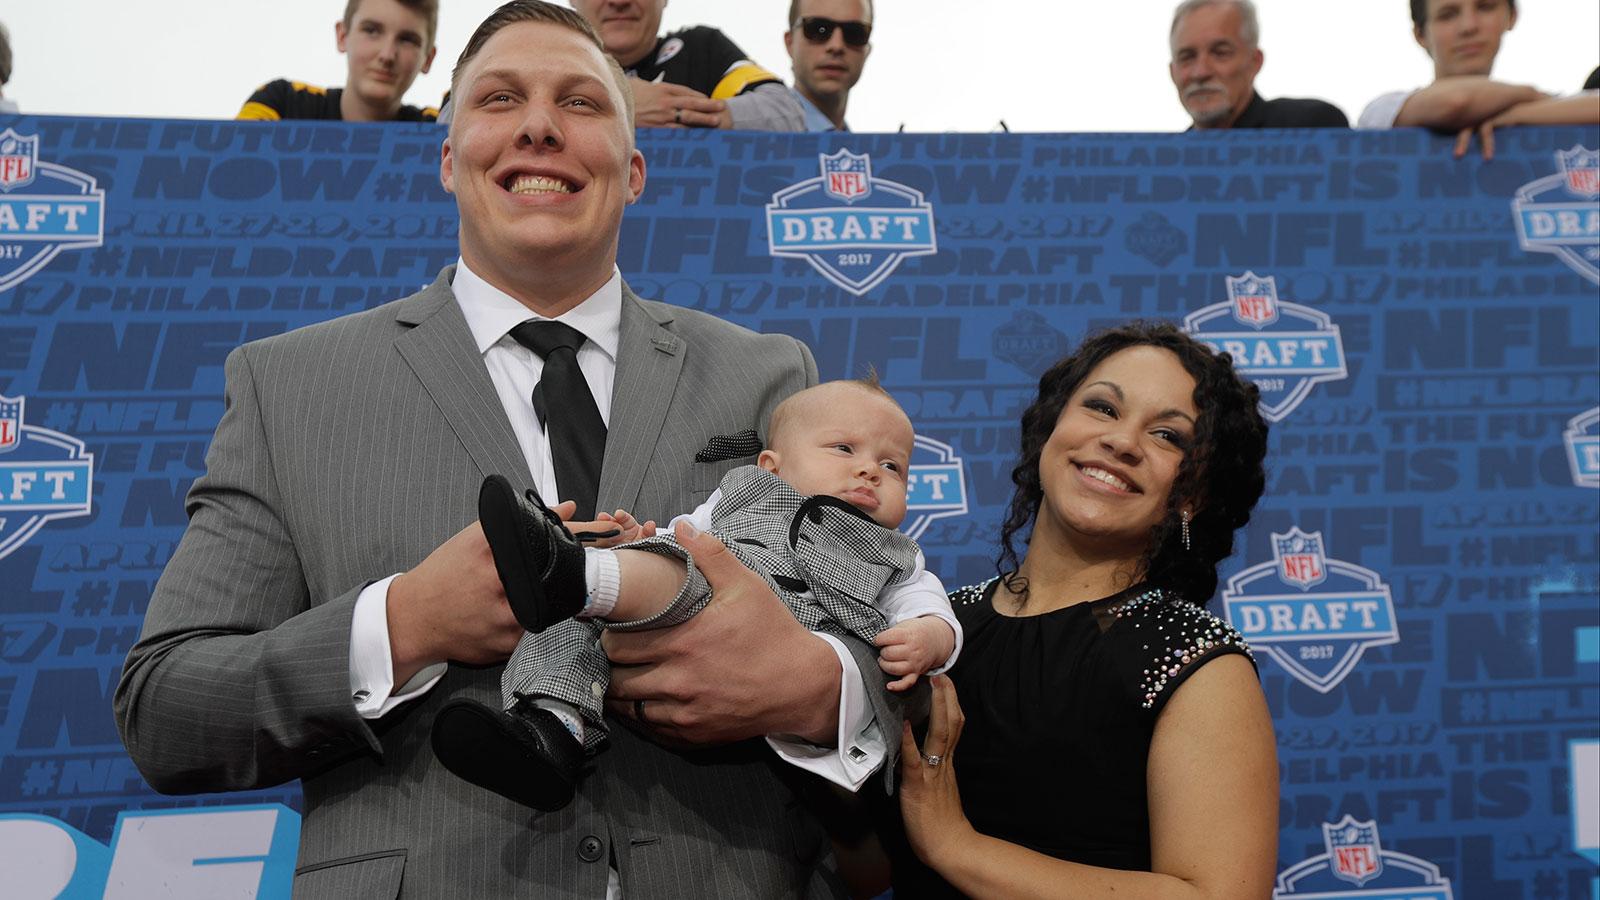 42717-NFL-Draft-fashion-gallery-Garrett-Bolles-PI-AV